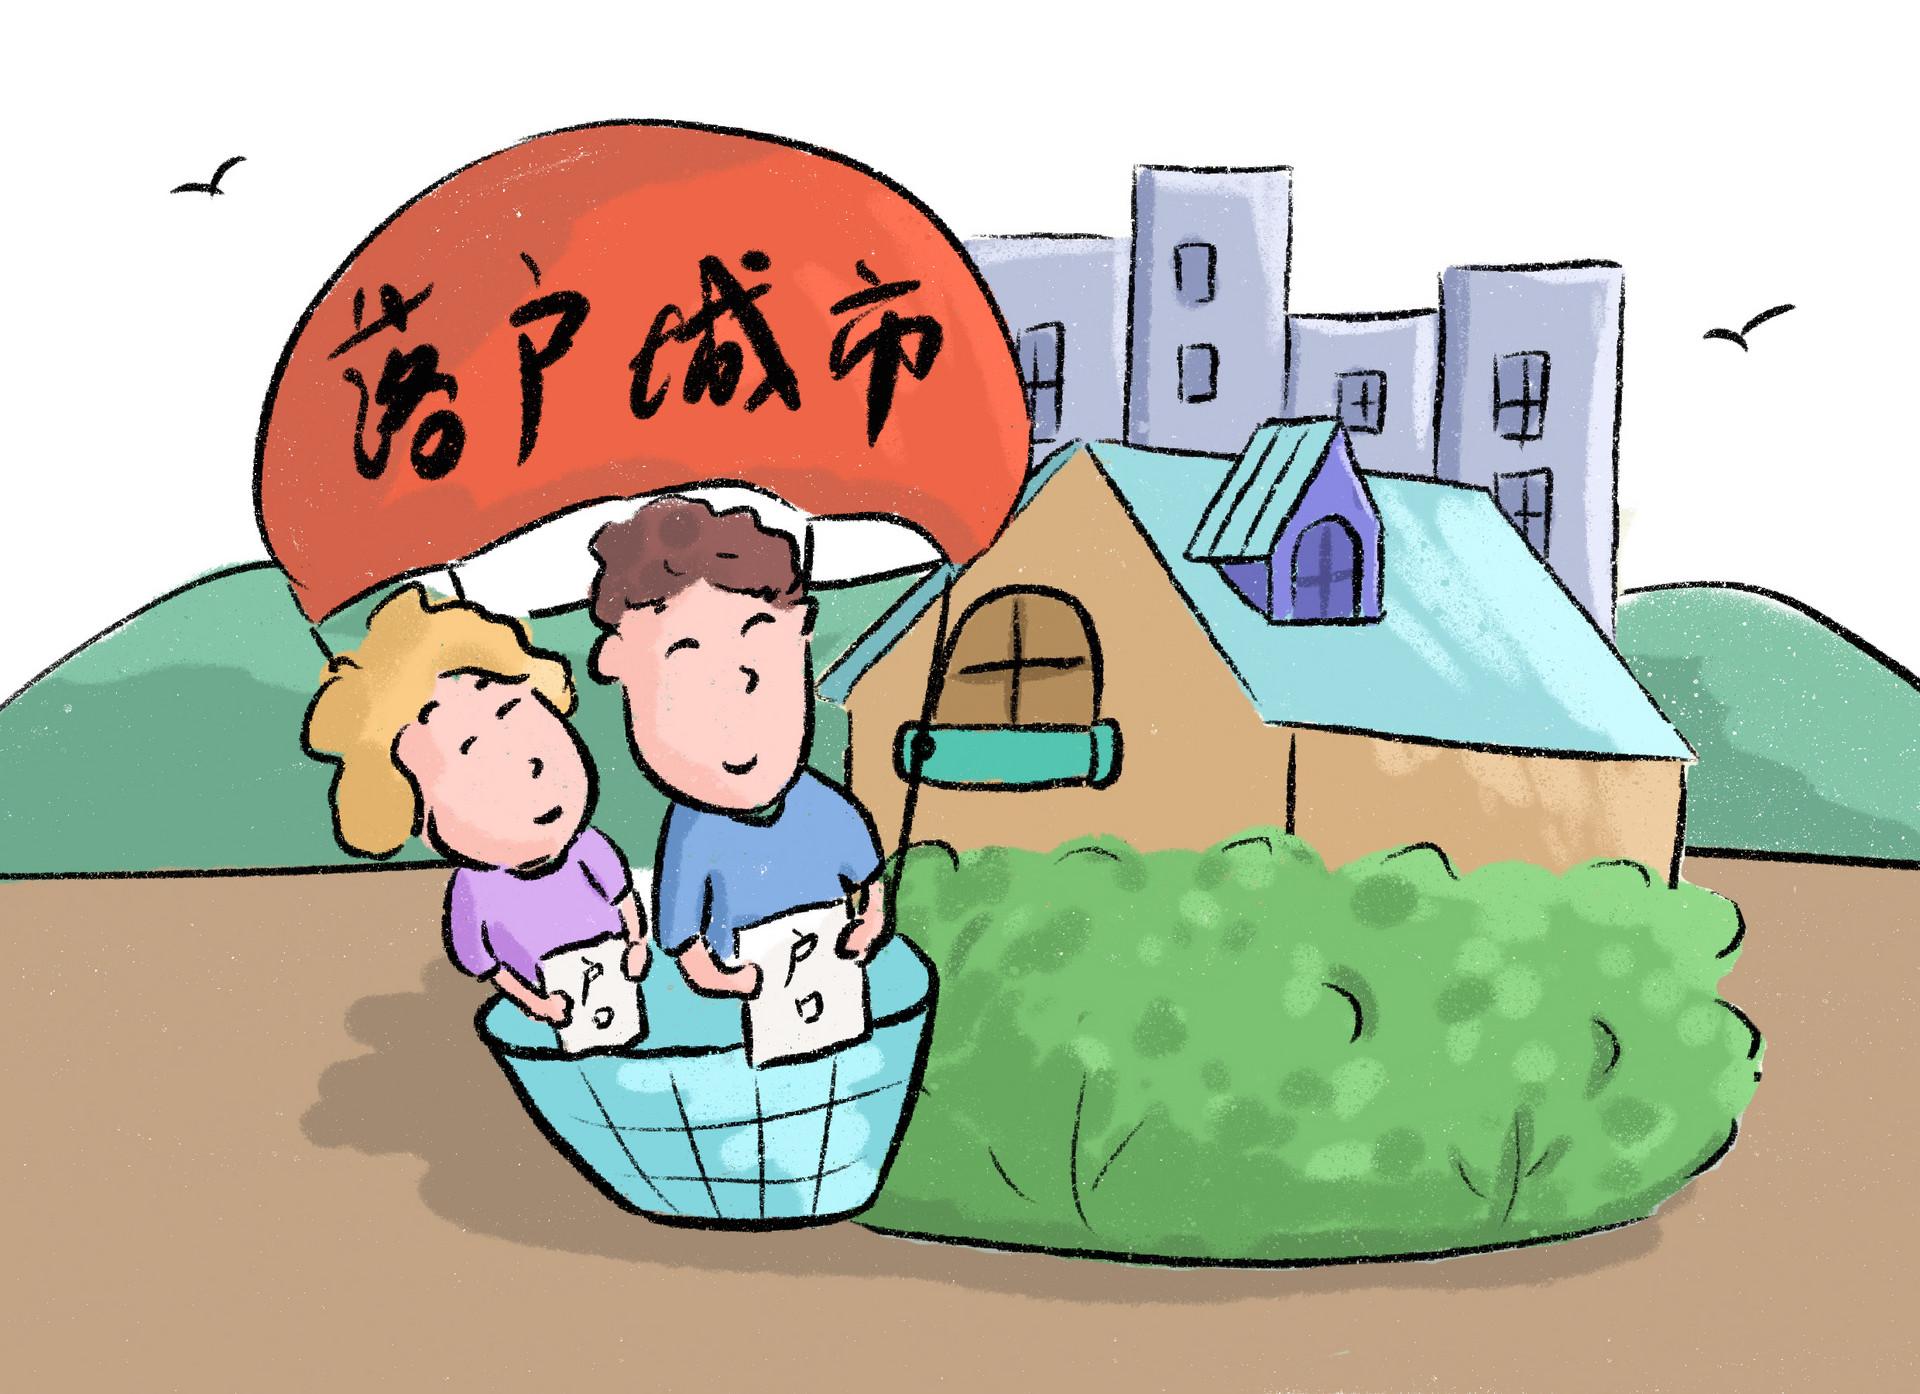 中国人口迁移大变局:青岛全面放开落户政策